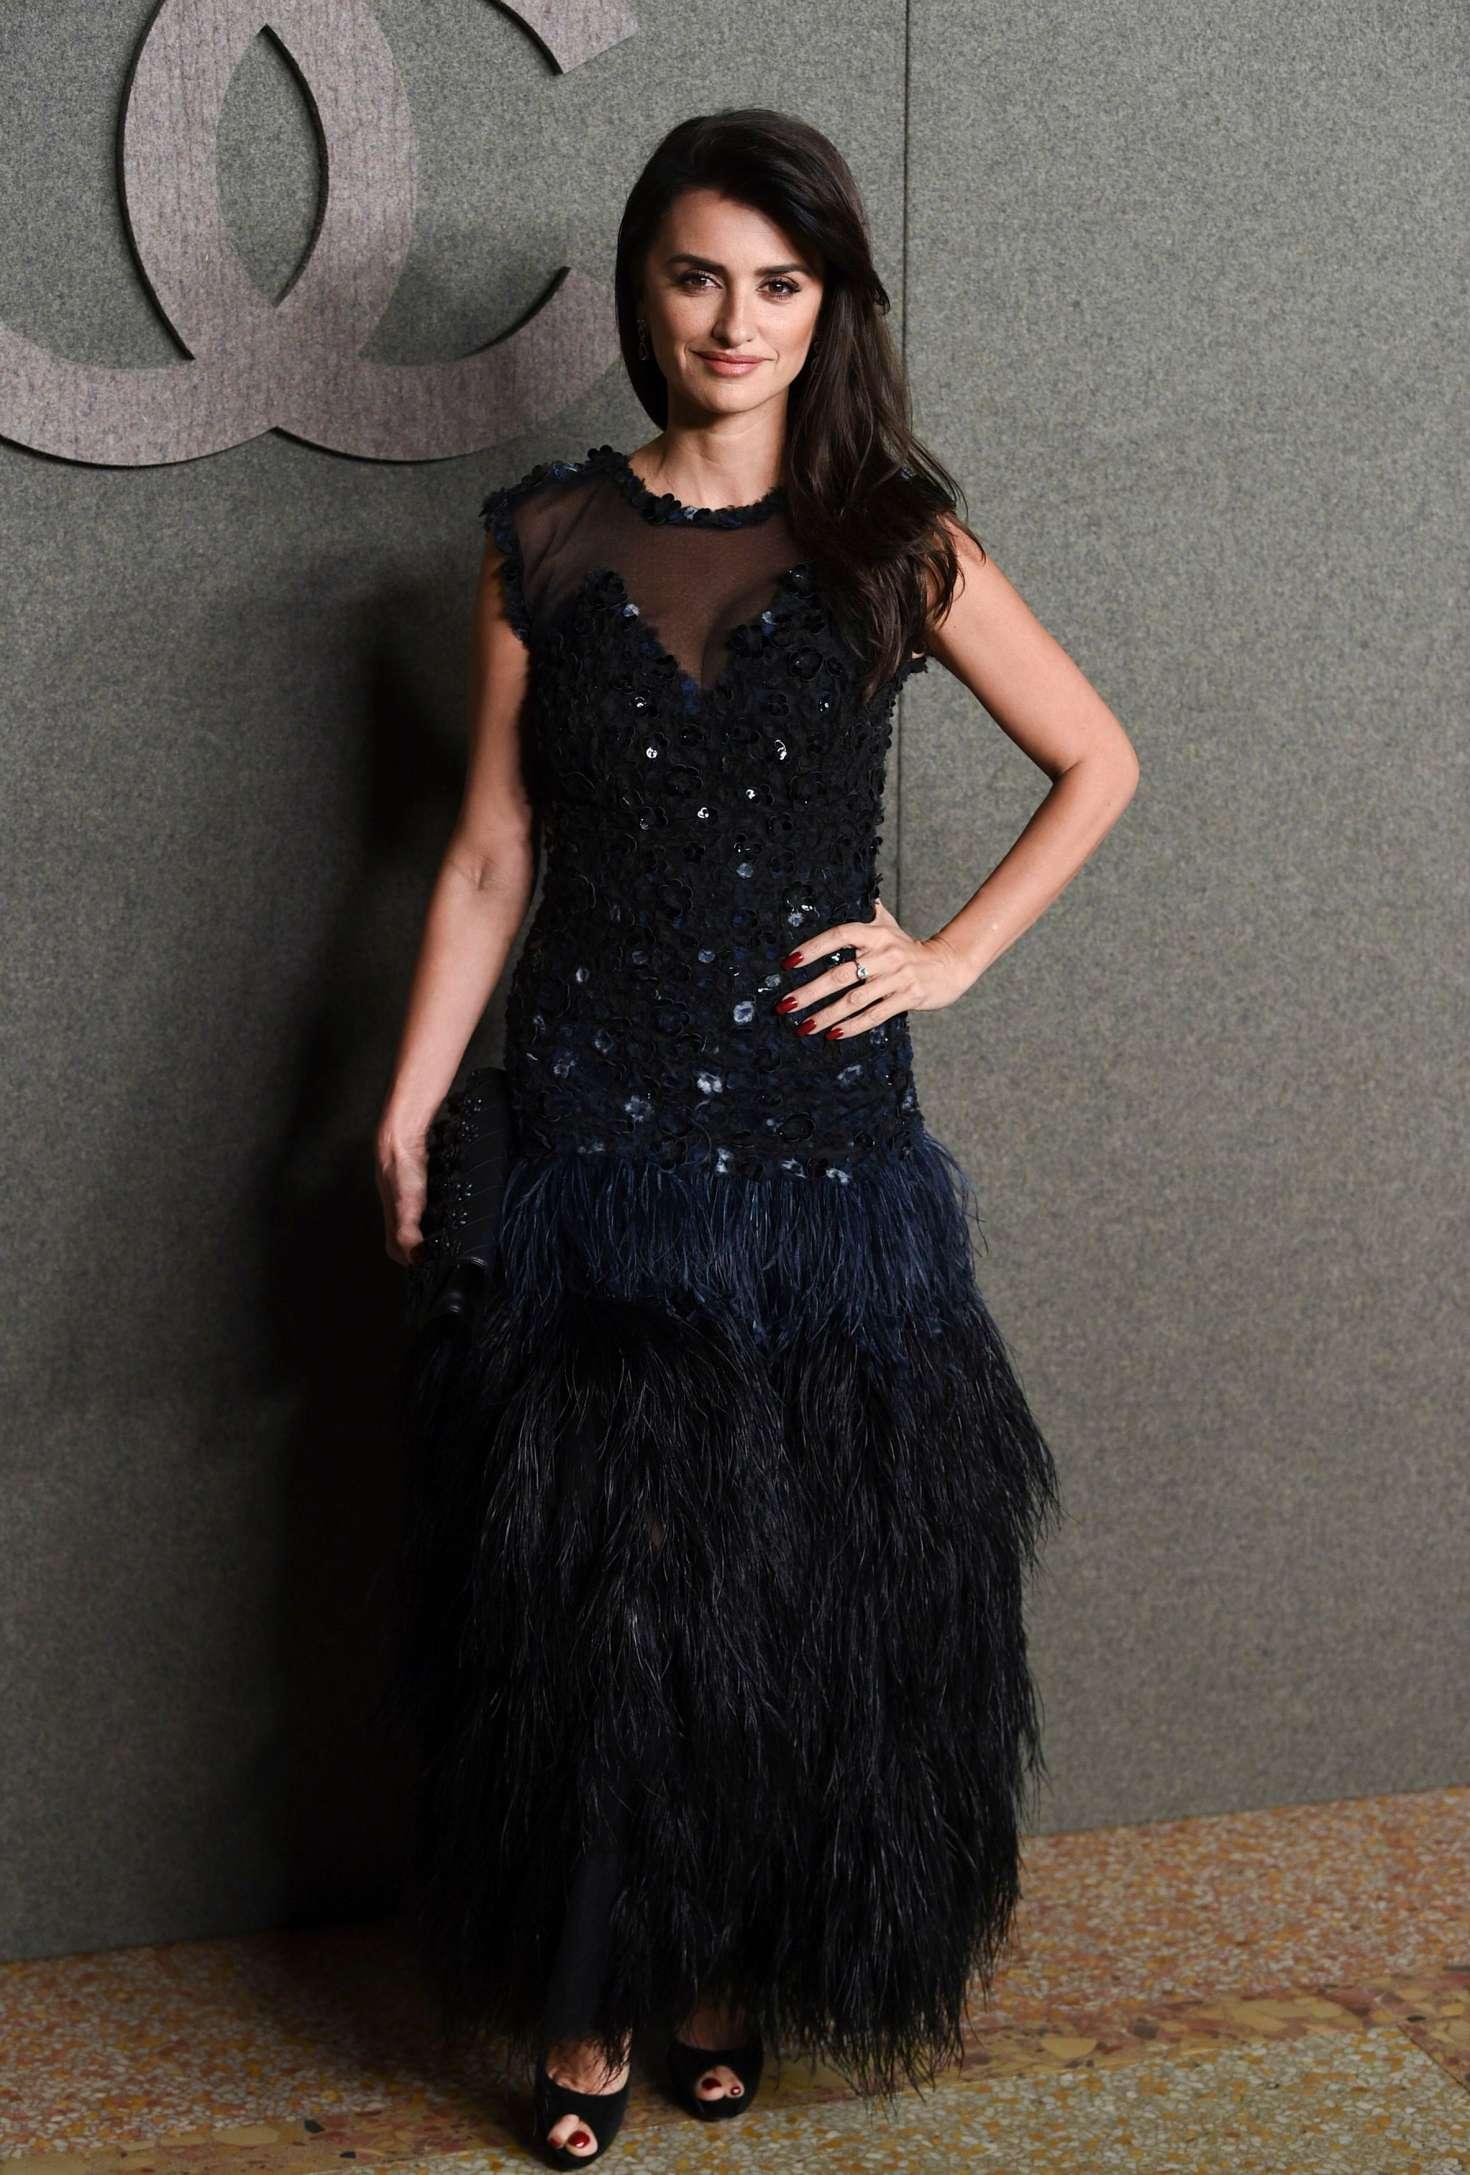 Penelope Cruz 2018 : Penelope Cruz: Chanel Metiers dArt Pre-Fall 2019 Fashion Show -05